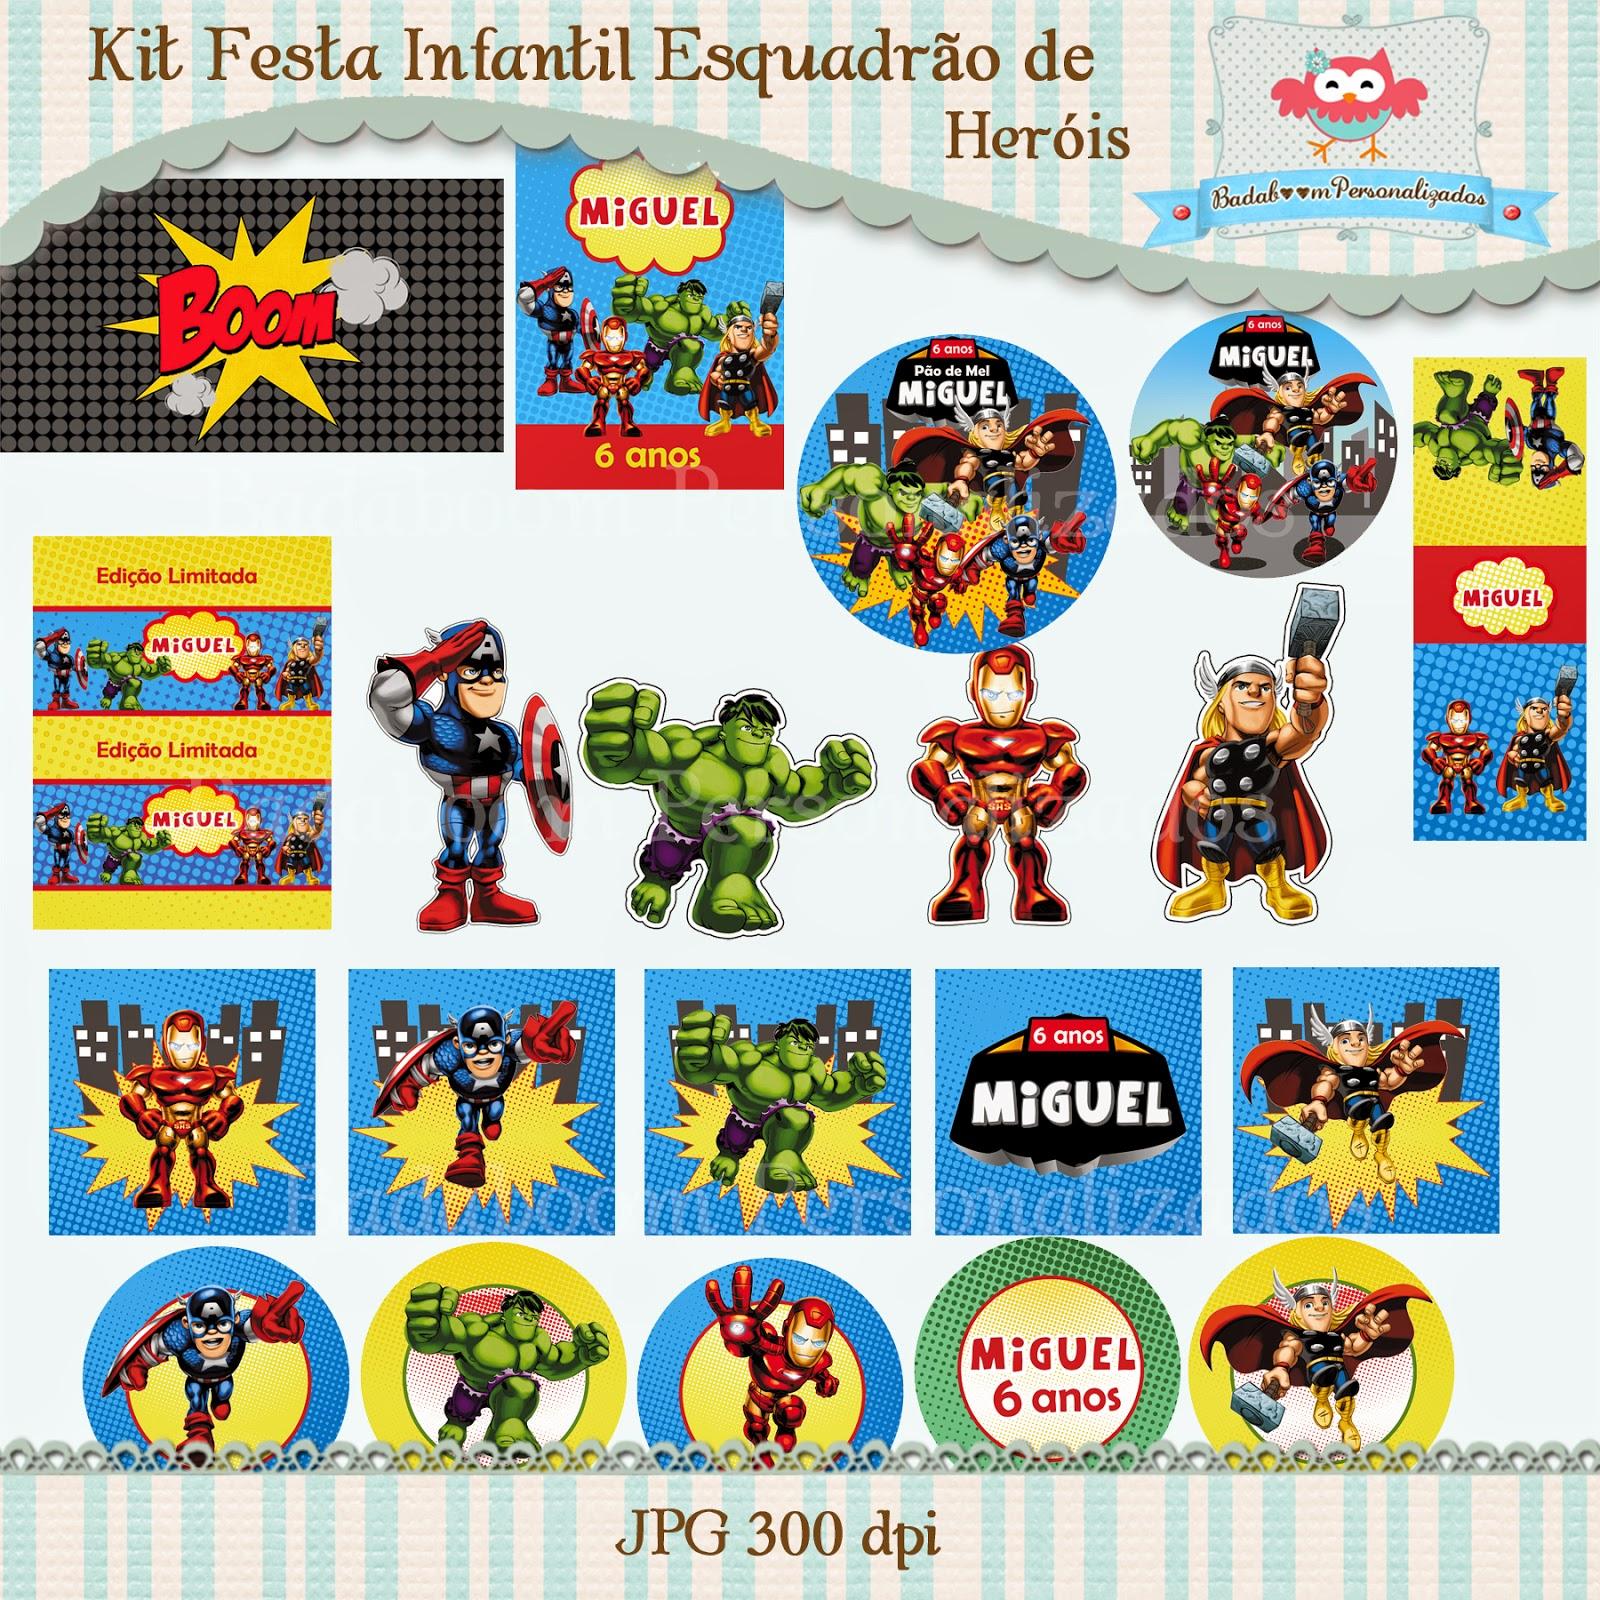 Esquadrão de Heróis, Super Hero Squad, arte digital, kit digital, festa infantil, personalizados, baton, tag, rótulos, personagens, bis, bolinha de sabão, cone de guloseimas, caixinhas, tic tac